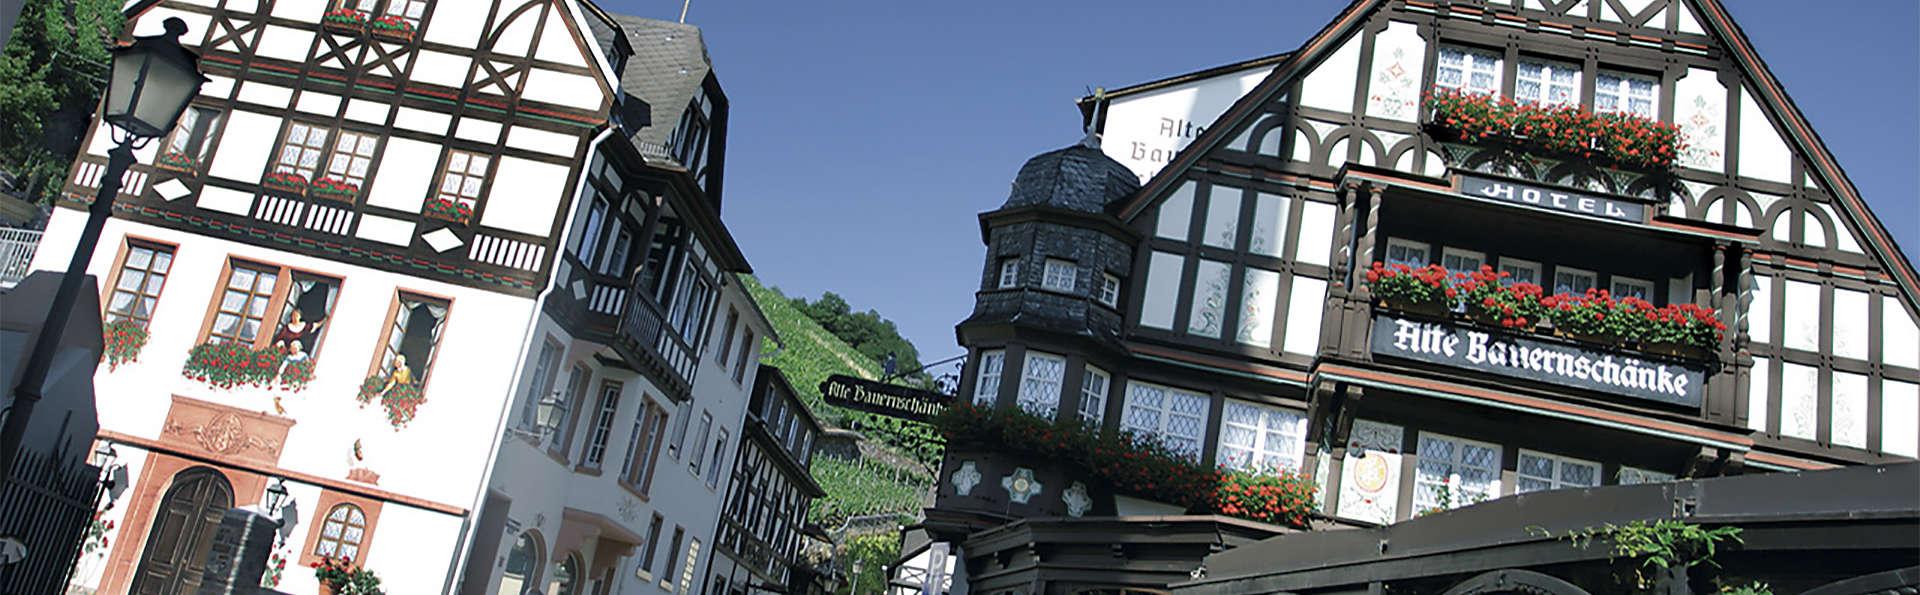 Hotel Alte Bauernschänke - EDIT_ext2.jpg